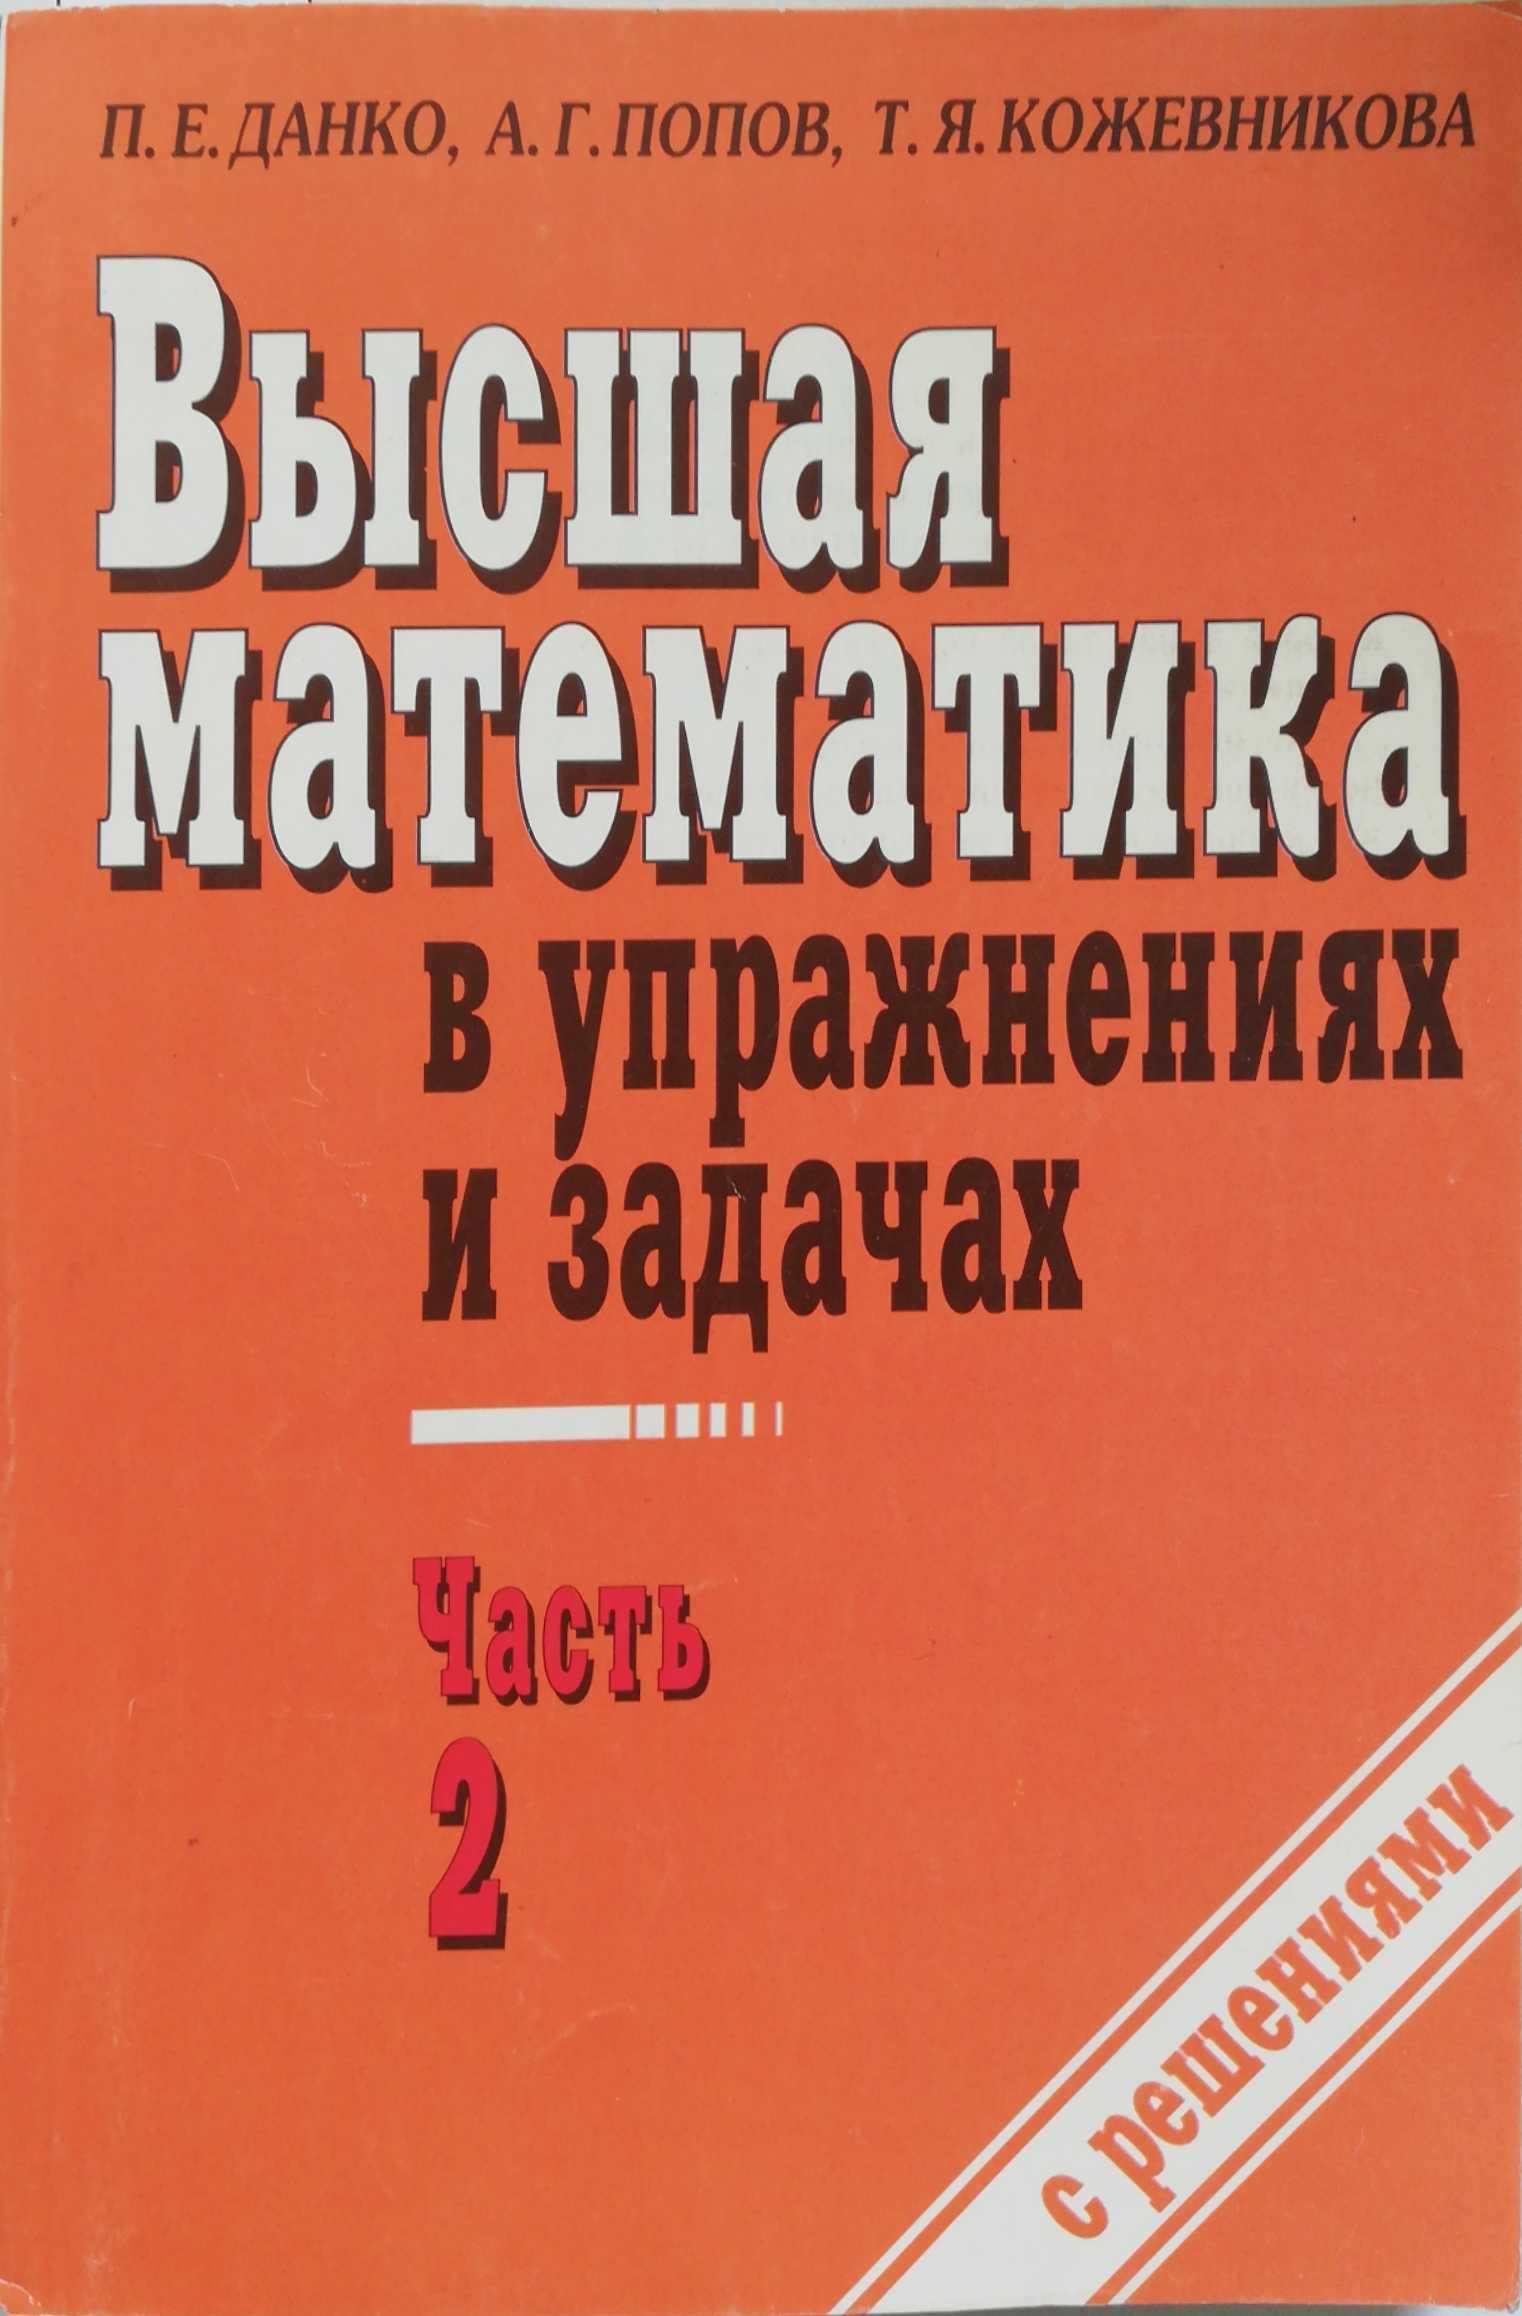 П.Данко,А.Попов,Т.Кожевникова Высшая математика в упражнениях и задачах. В 2 частях. Часть 2 б гнеденко а хинчин элементарное введение в теорию вероятностей